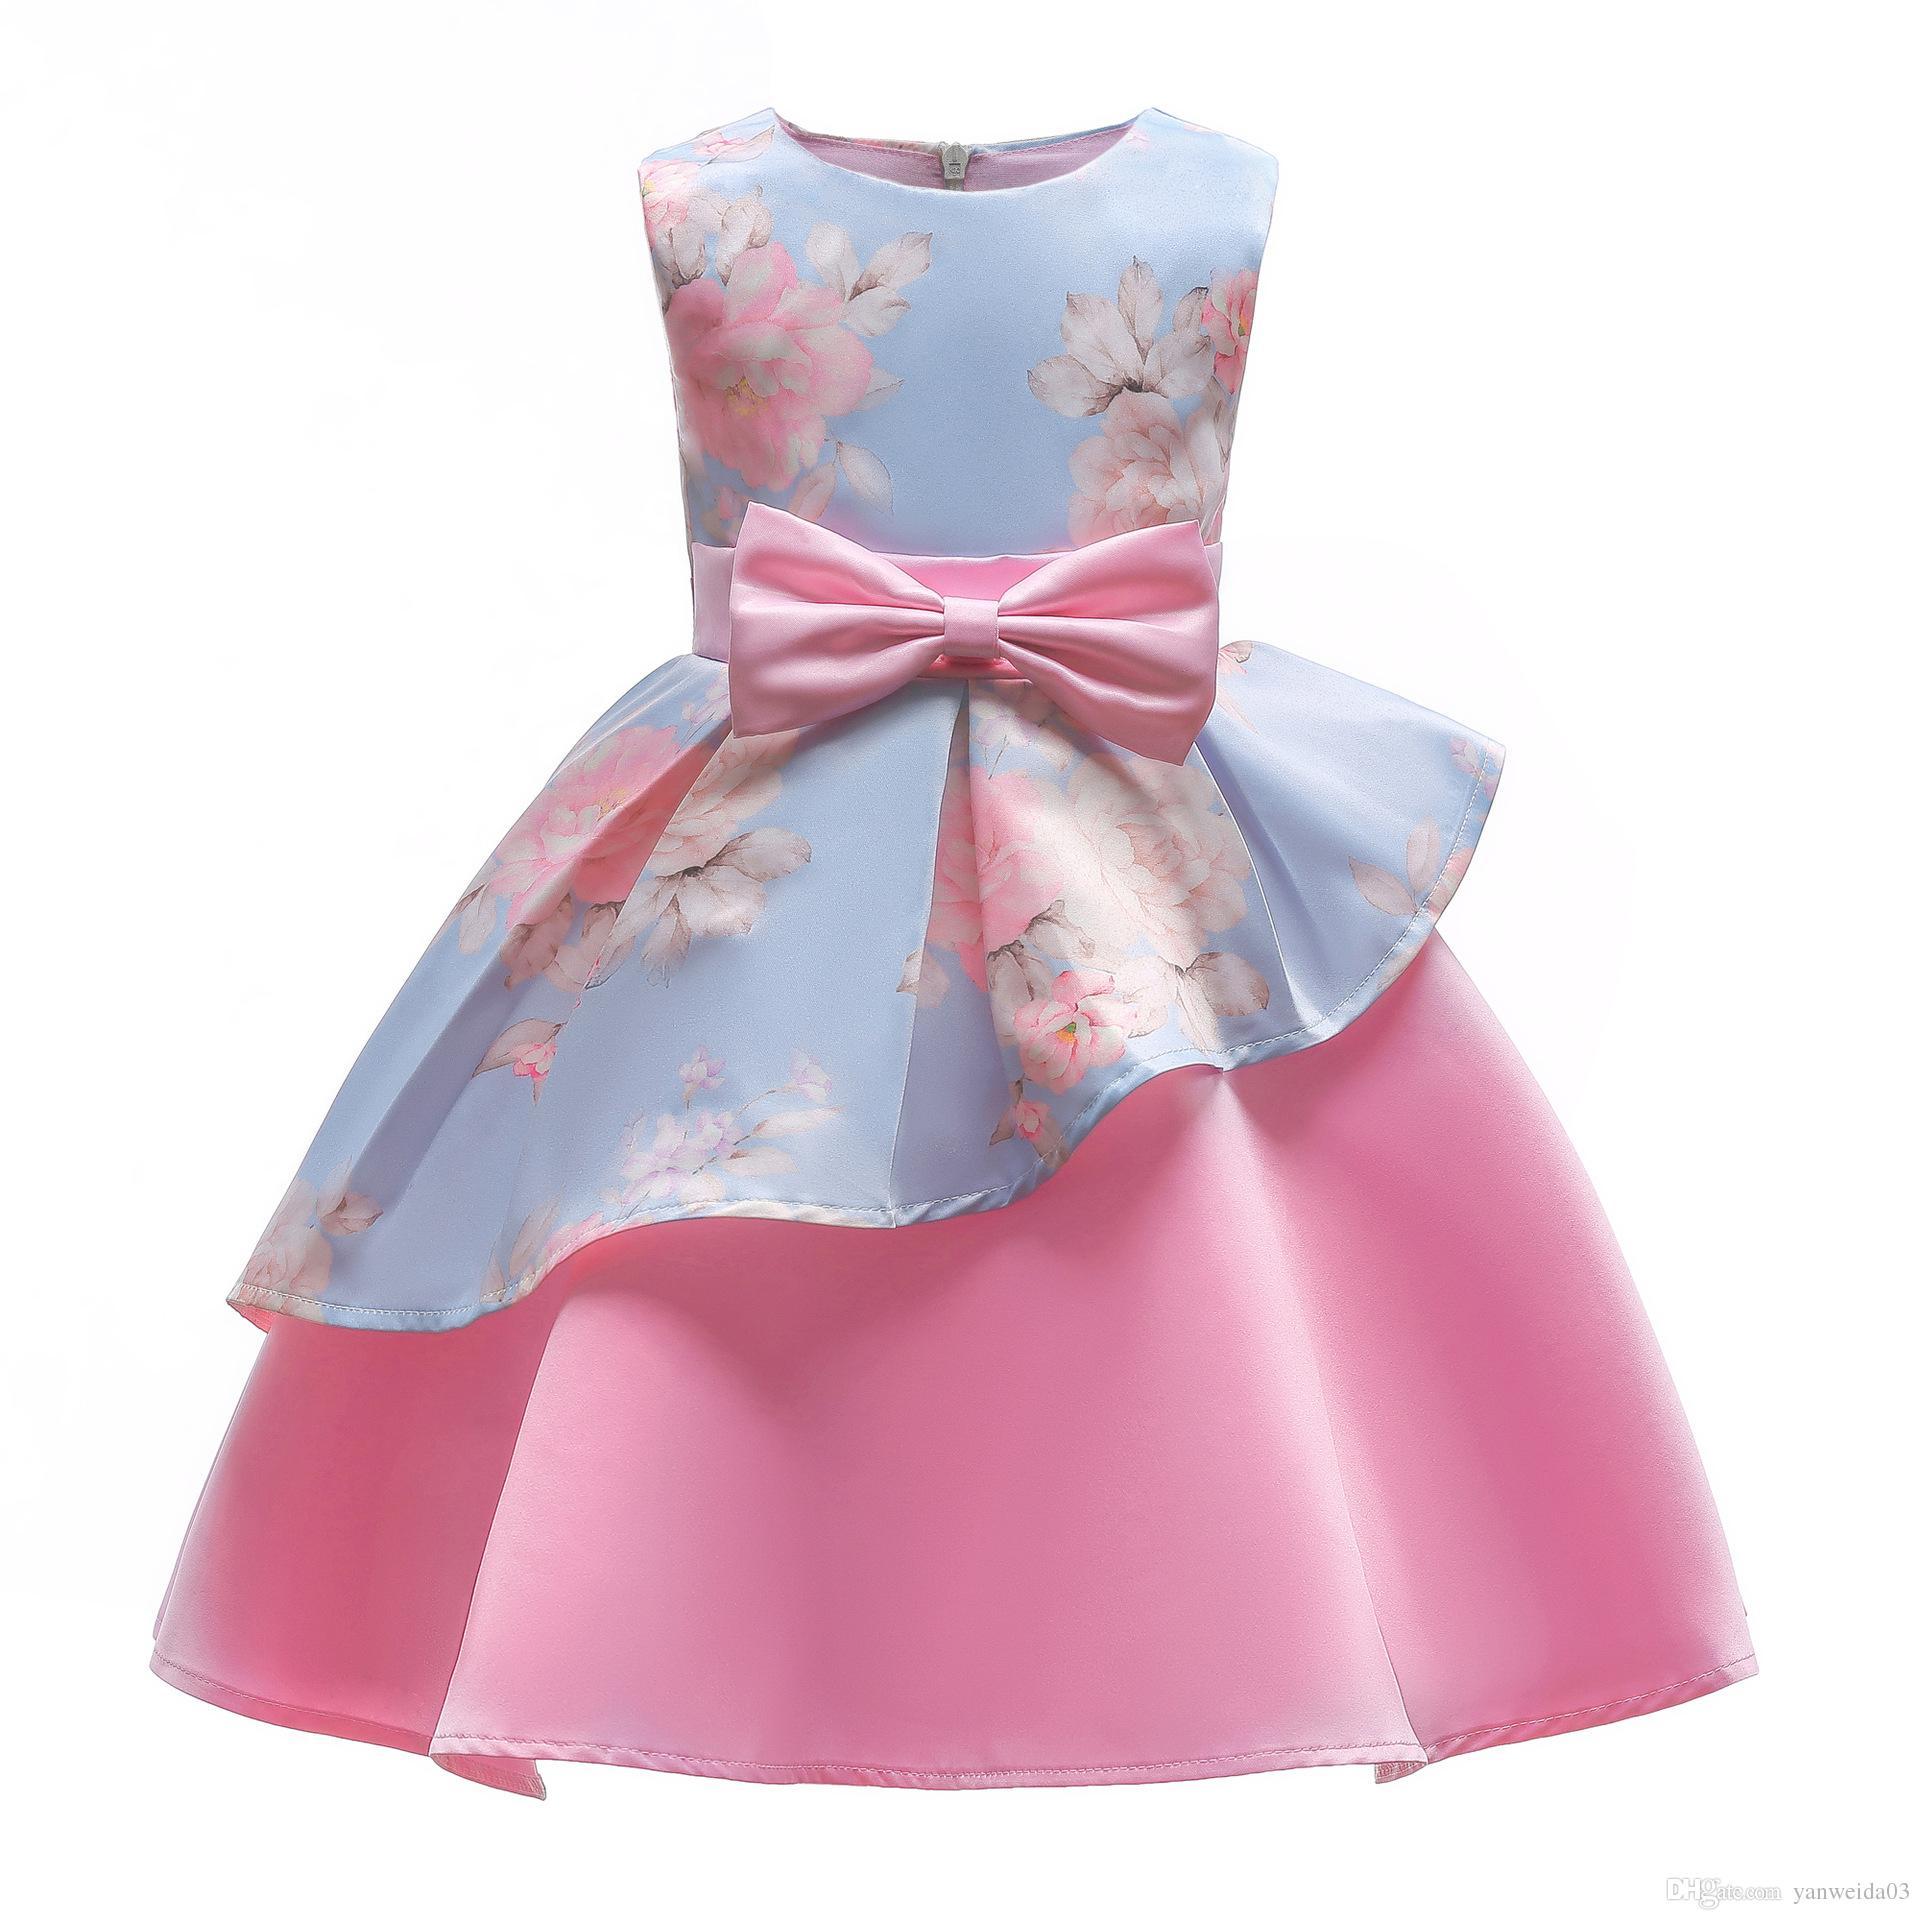 c11b0514c2c910 La princesse jupes Fleur Bébé Robes De Filles Pour Mariages Filles Robes De  Soirée Pageant Robes Les jupes De Style Européen Et Américain